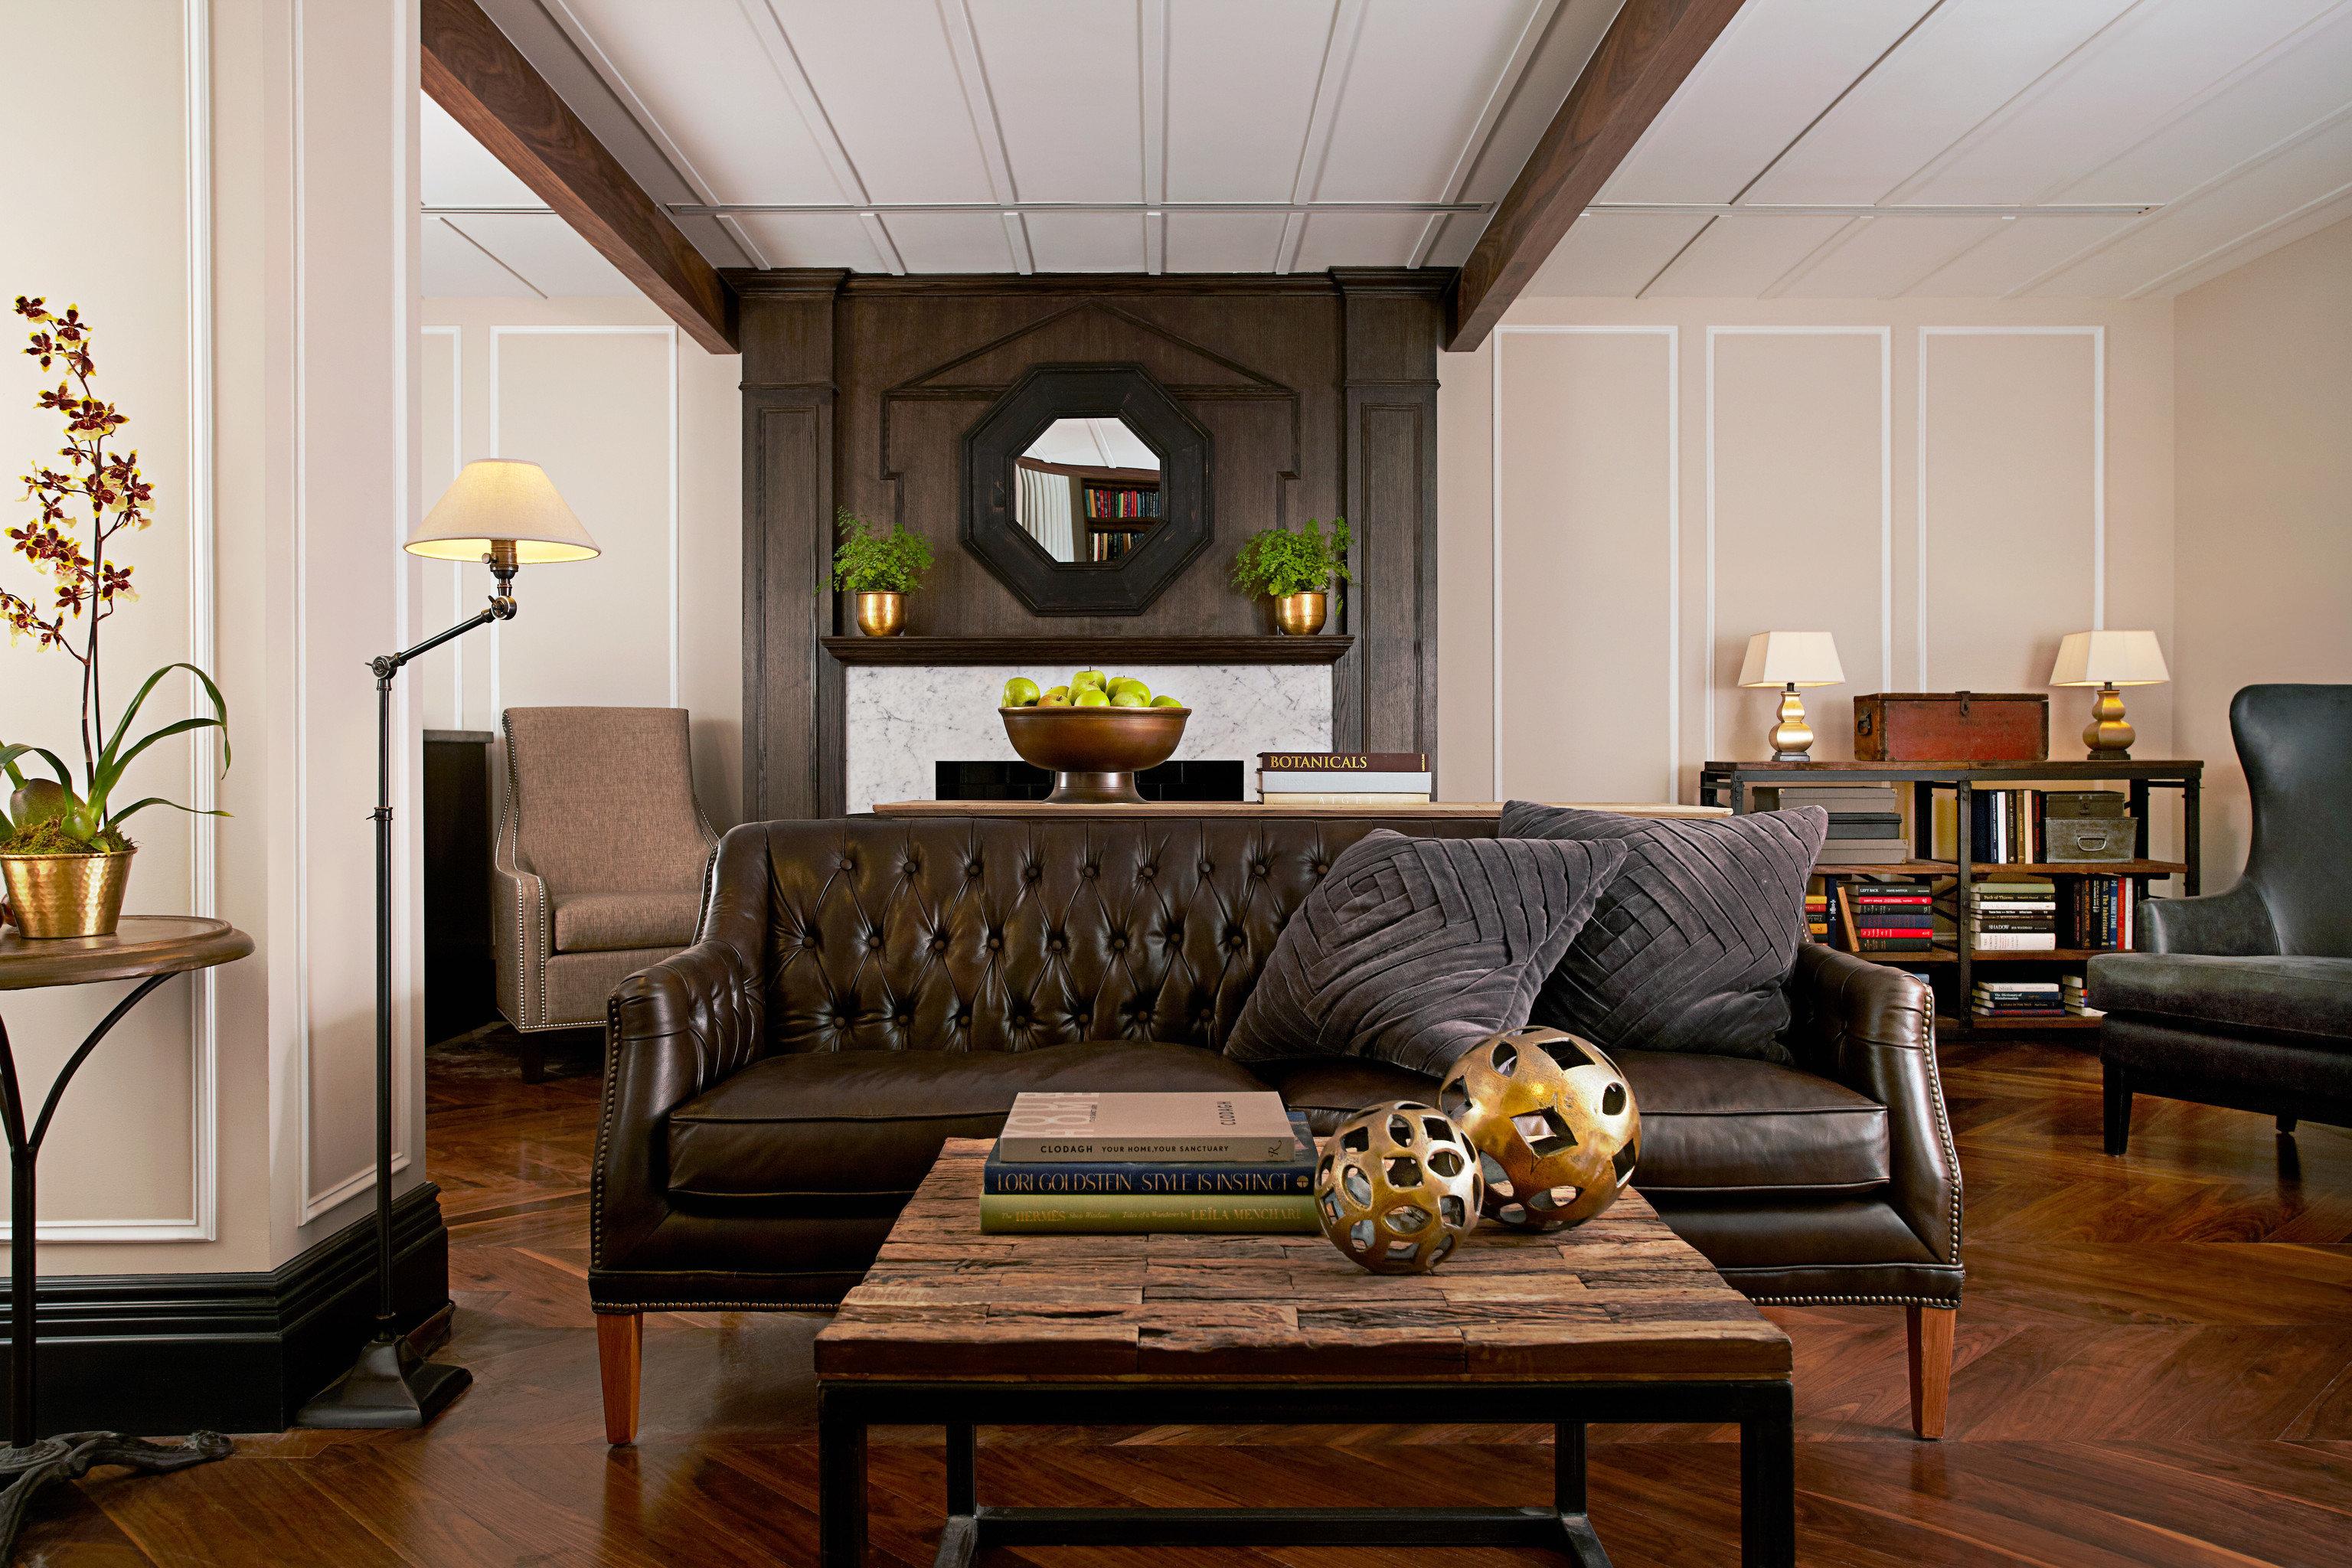 living room property home hardwood cottage Suite mansion recreation room wood flooring